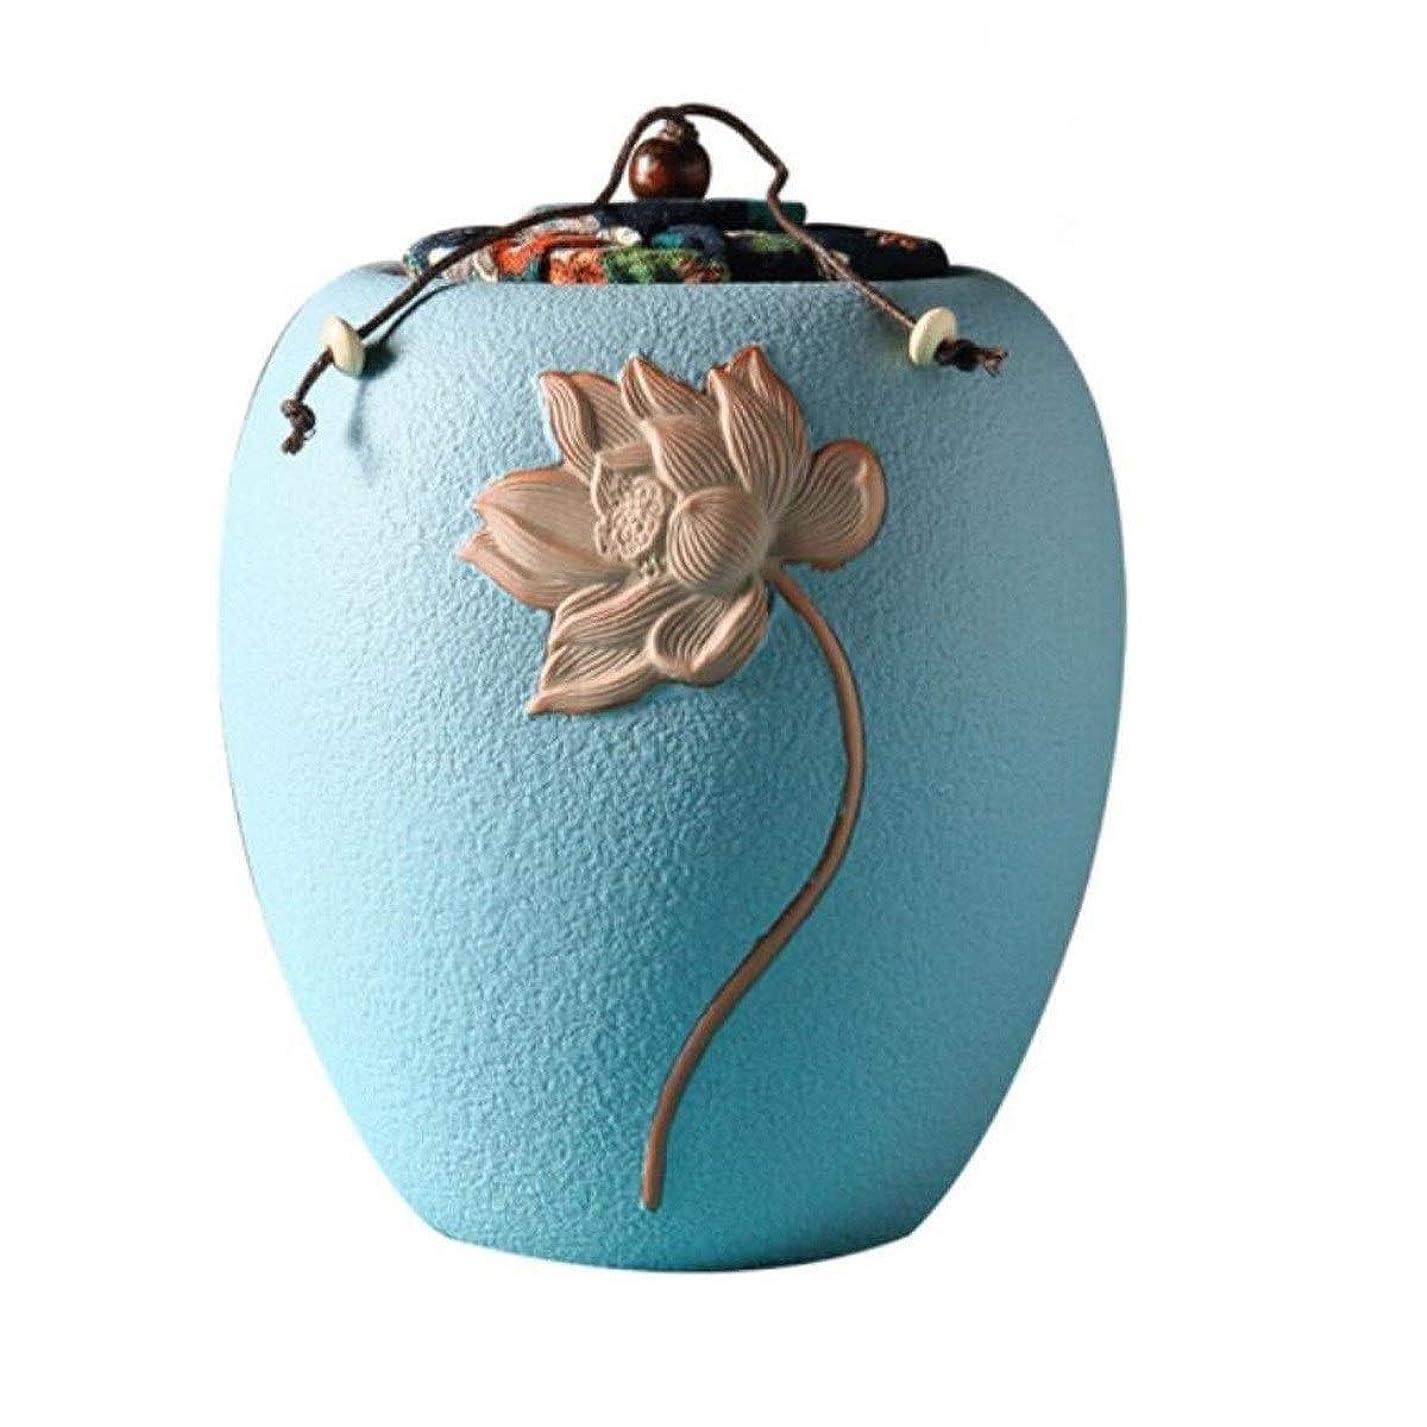 固有のリフレッシュ物思いにふけるSHENGSHIHUIZHONG ペット小箱、機能性エナメルセラミック密封防湿犬と猫のお土産箱 (Color : Blue)